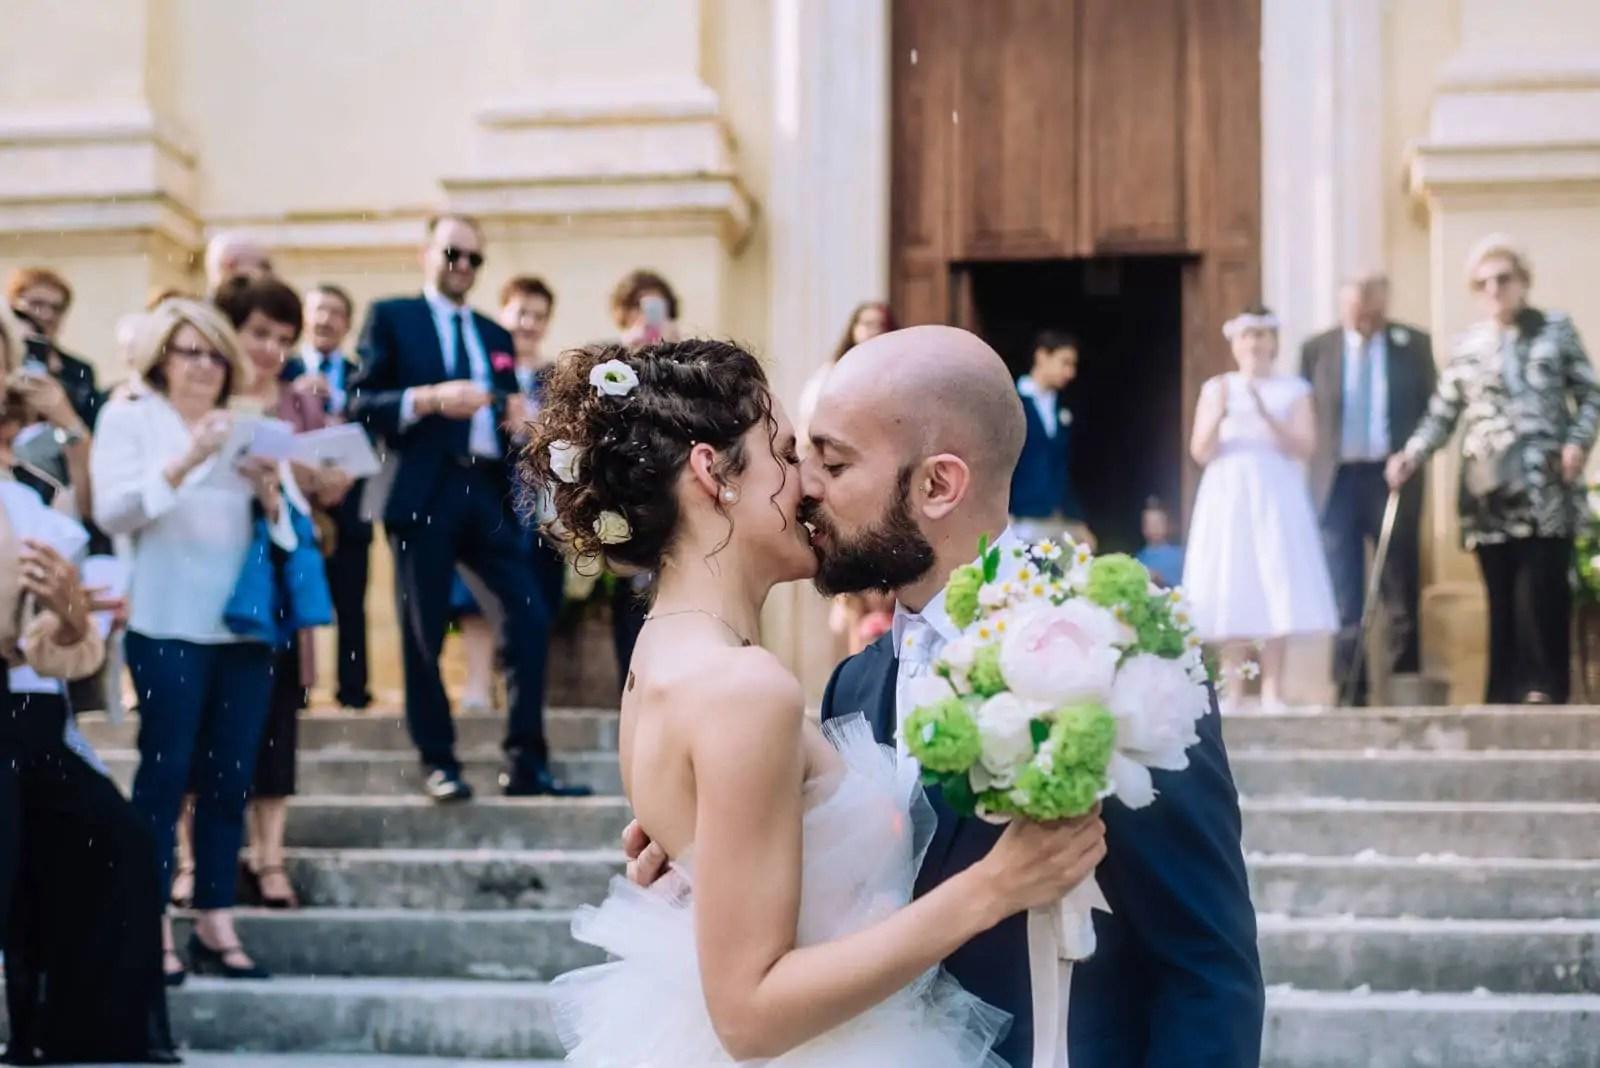 G + A - An Elegant Destination Wedding in Verona